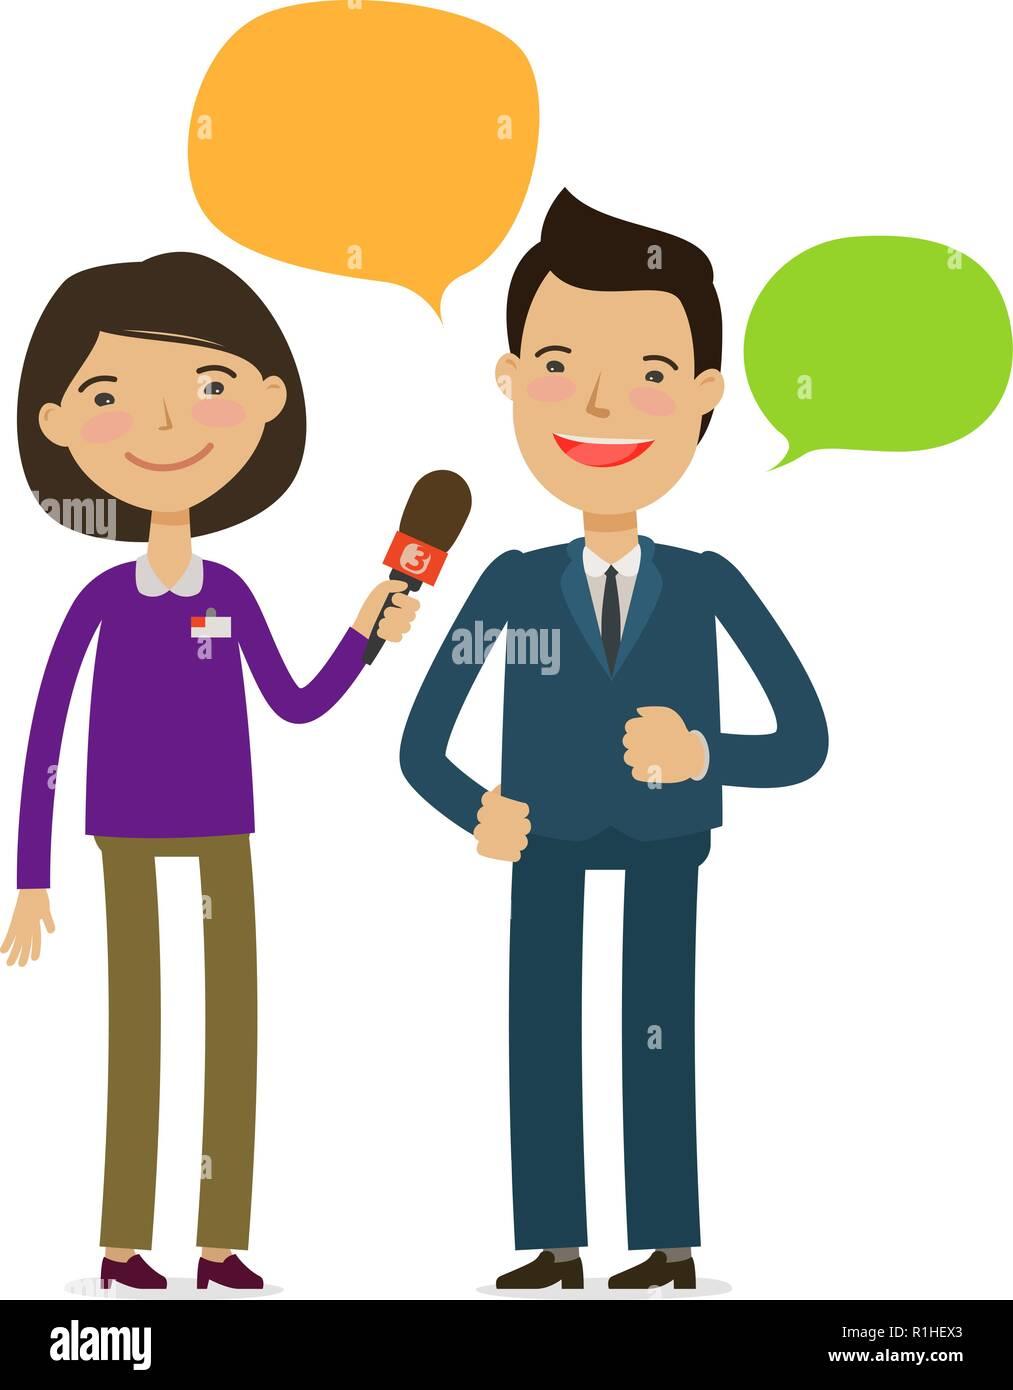 Periodista tome la entrevista. Conferencia de Prensa, Radiodifusión reportaje concepto. Ilustración vectorial de dibujos animados Imagen De Stock